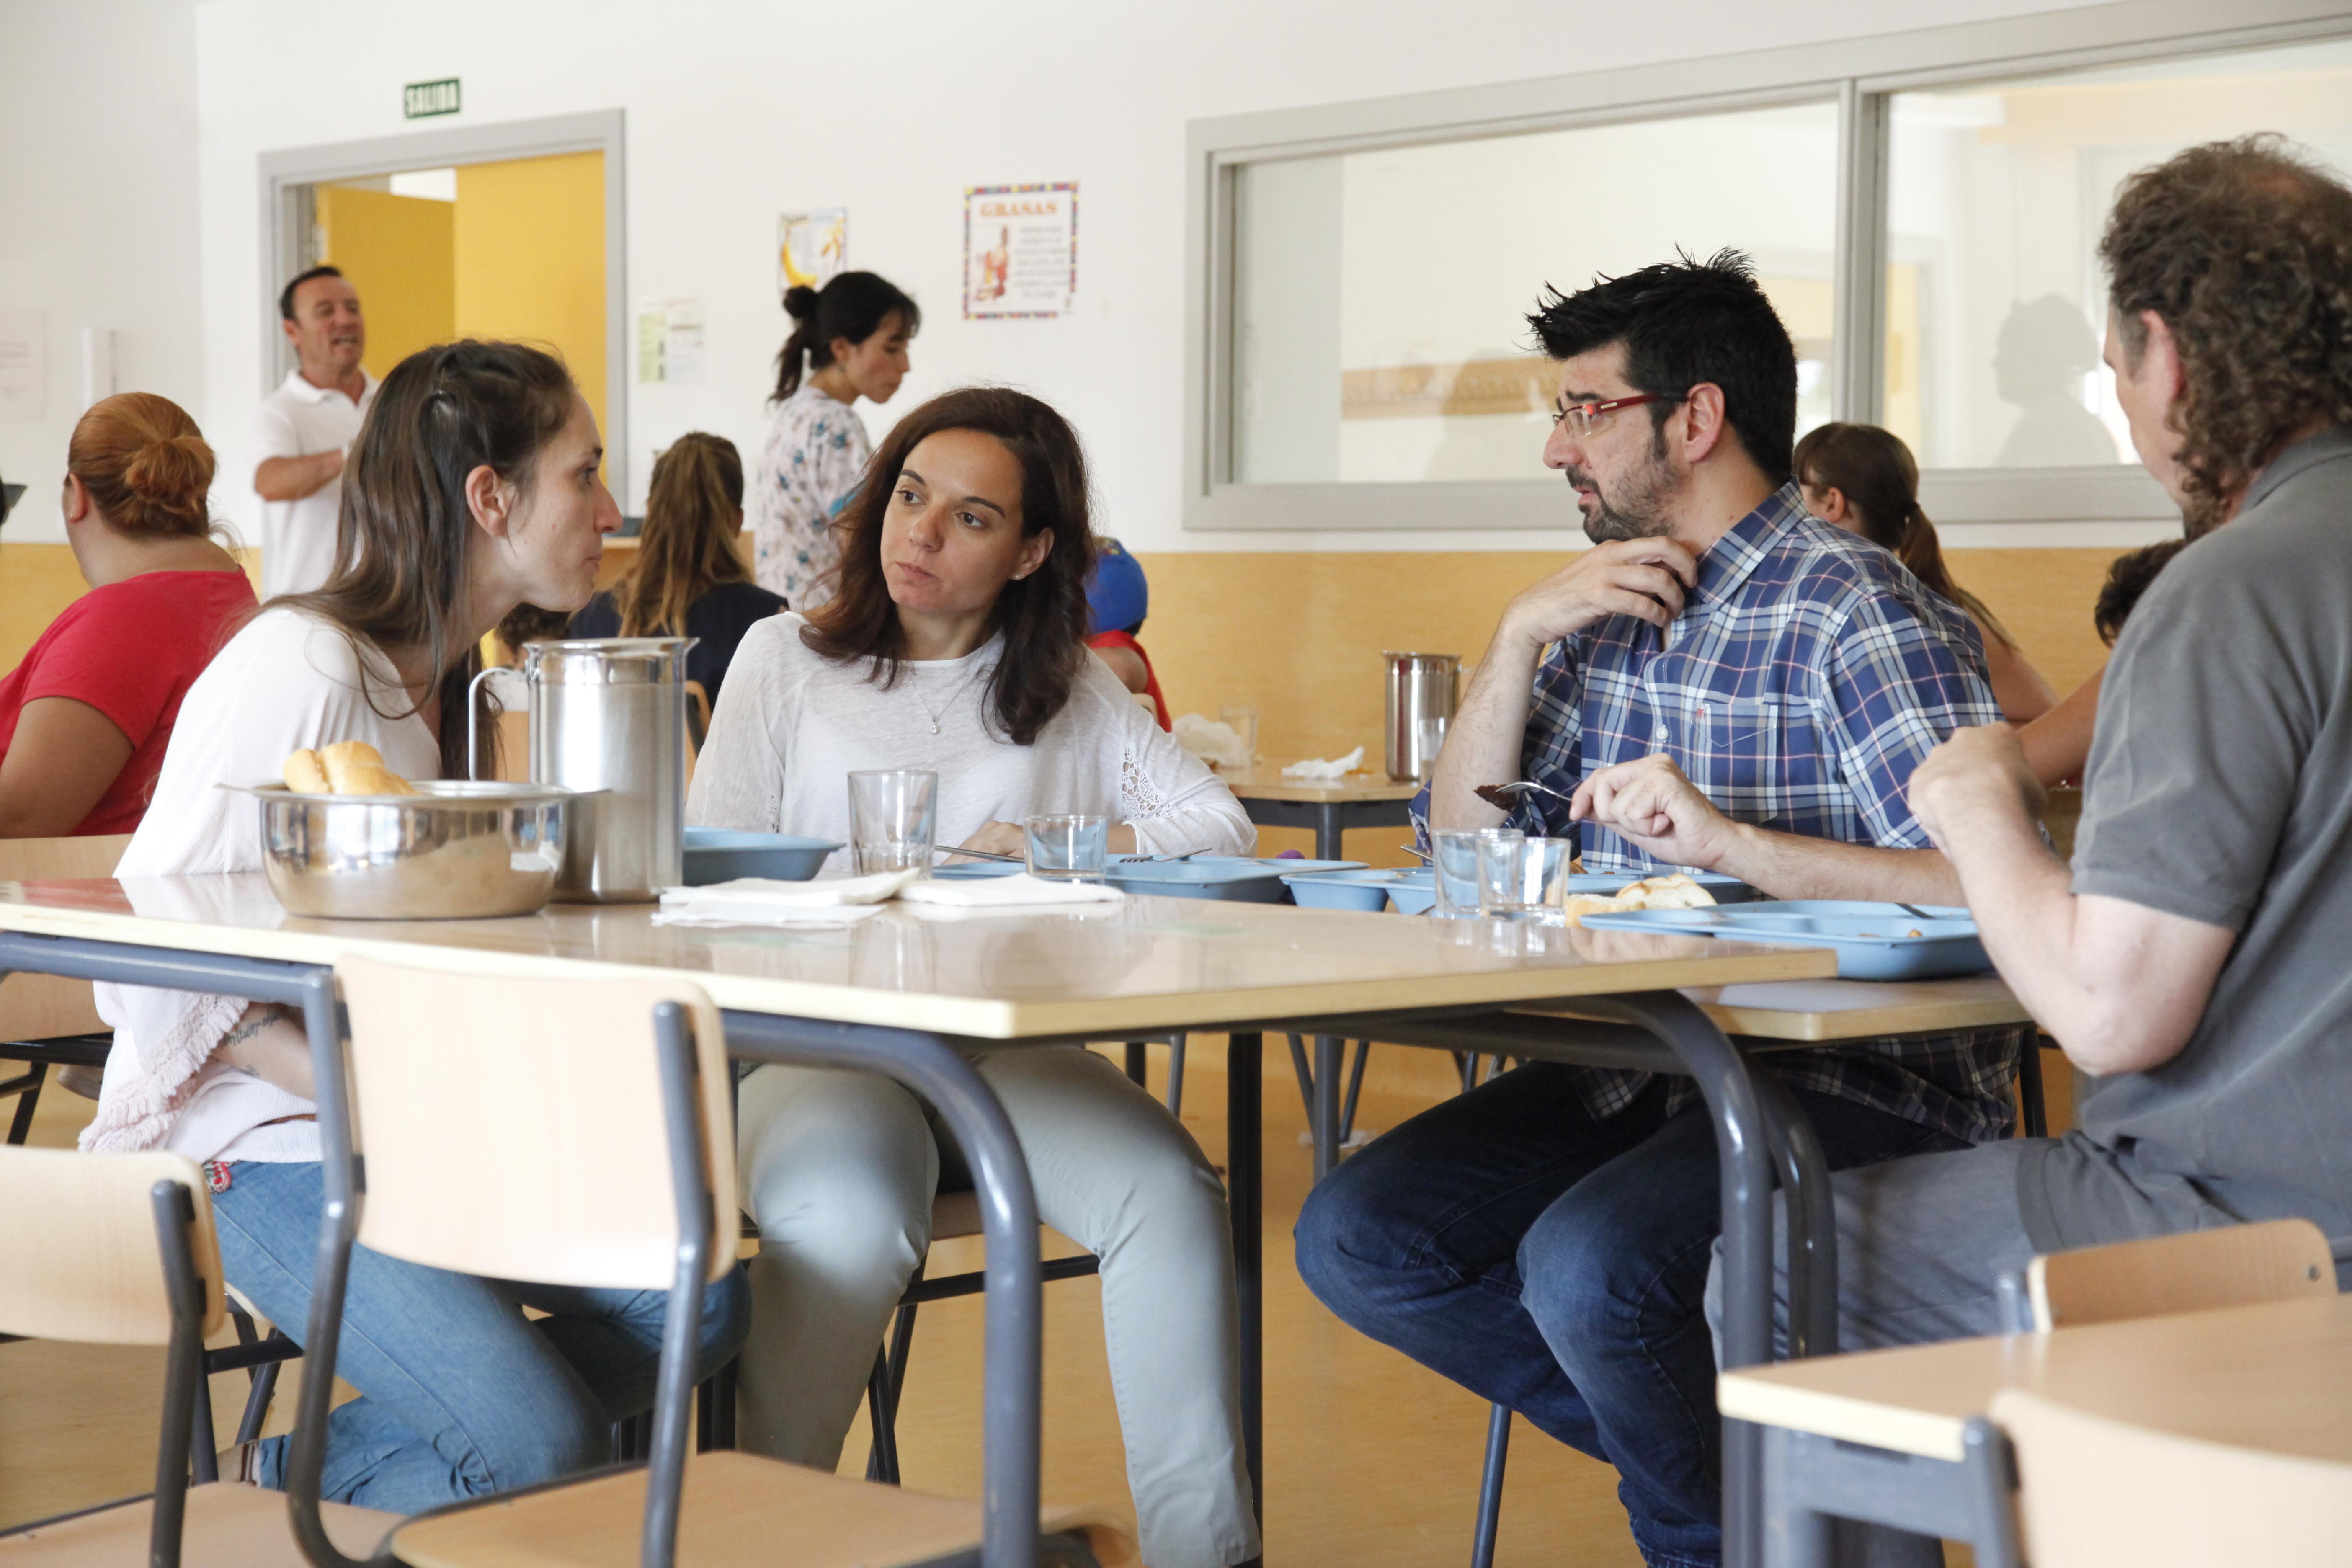 La alcaldesa de Getafe, Sara Hernández, junto al concejal de Educación, Álvaro Gómez, visitaron ayer el primer Centro de Educación Especial incluido dentro del 'Programa de Centros Abiertos en Vacaciones de Verano 2016' en Getafe, el CEE Ramón y Cajal